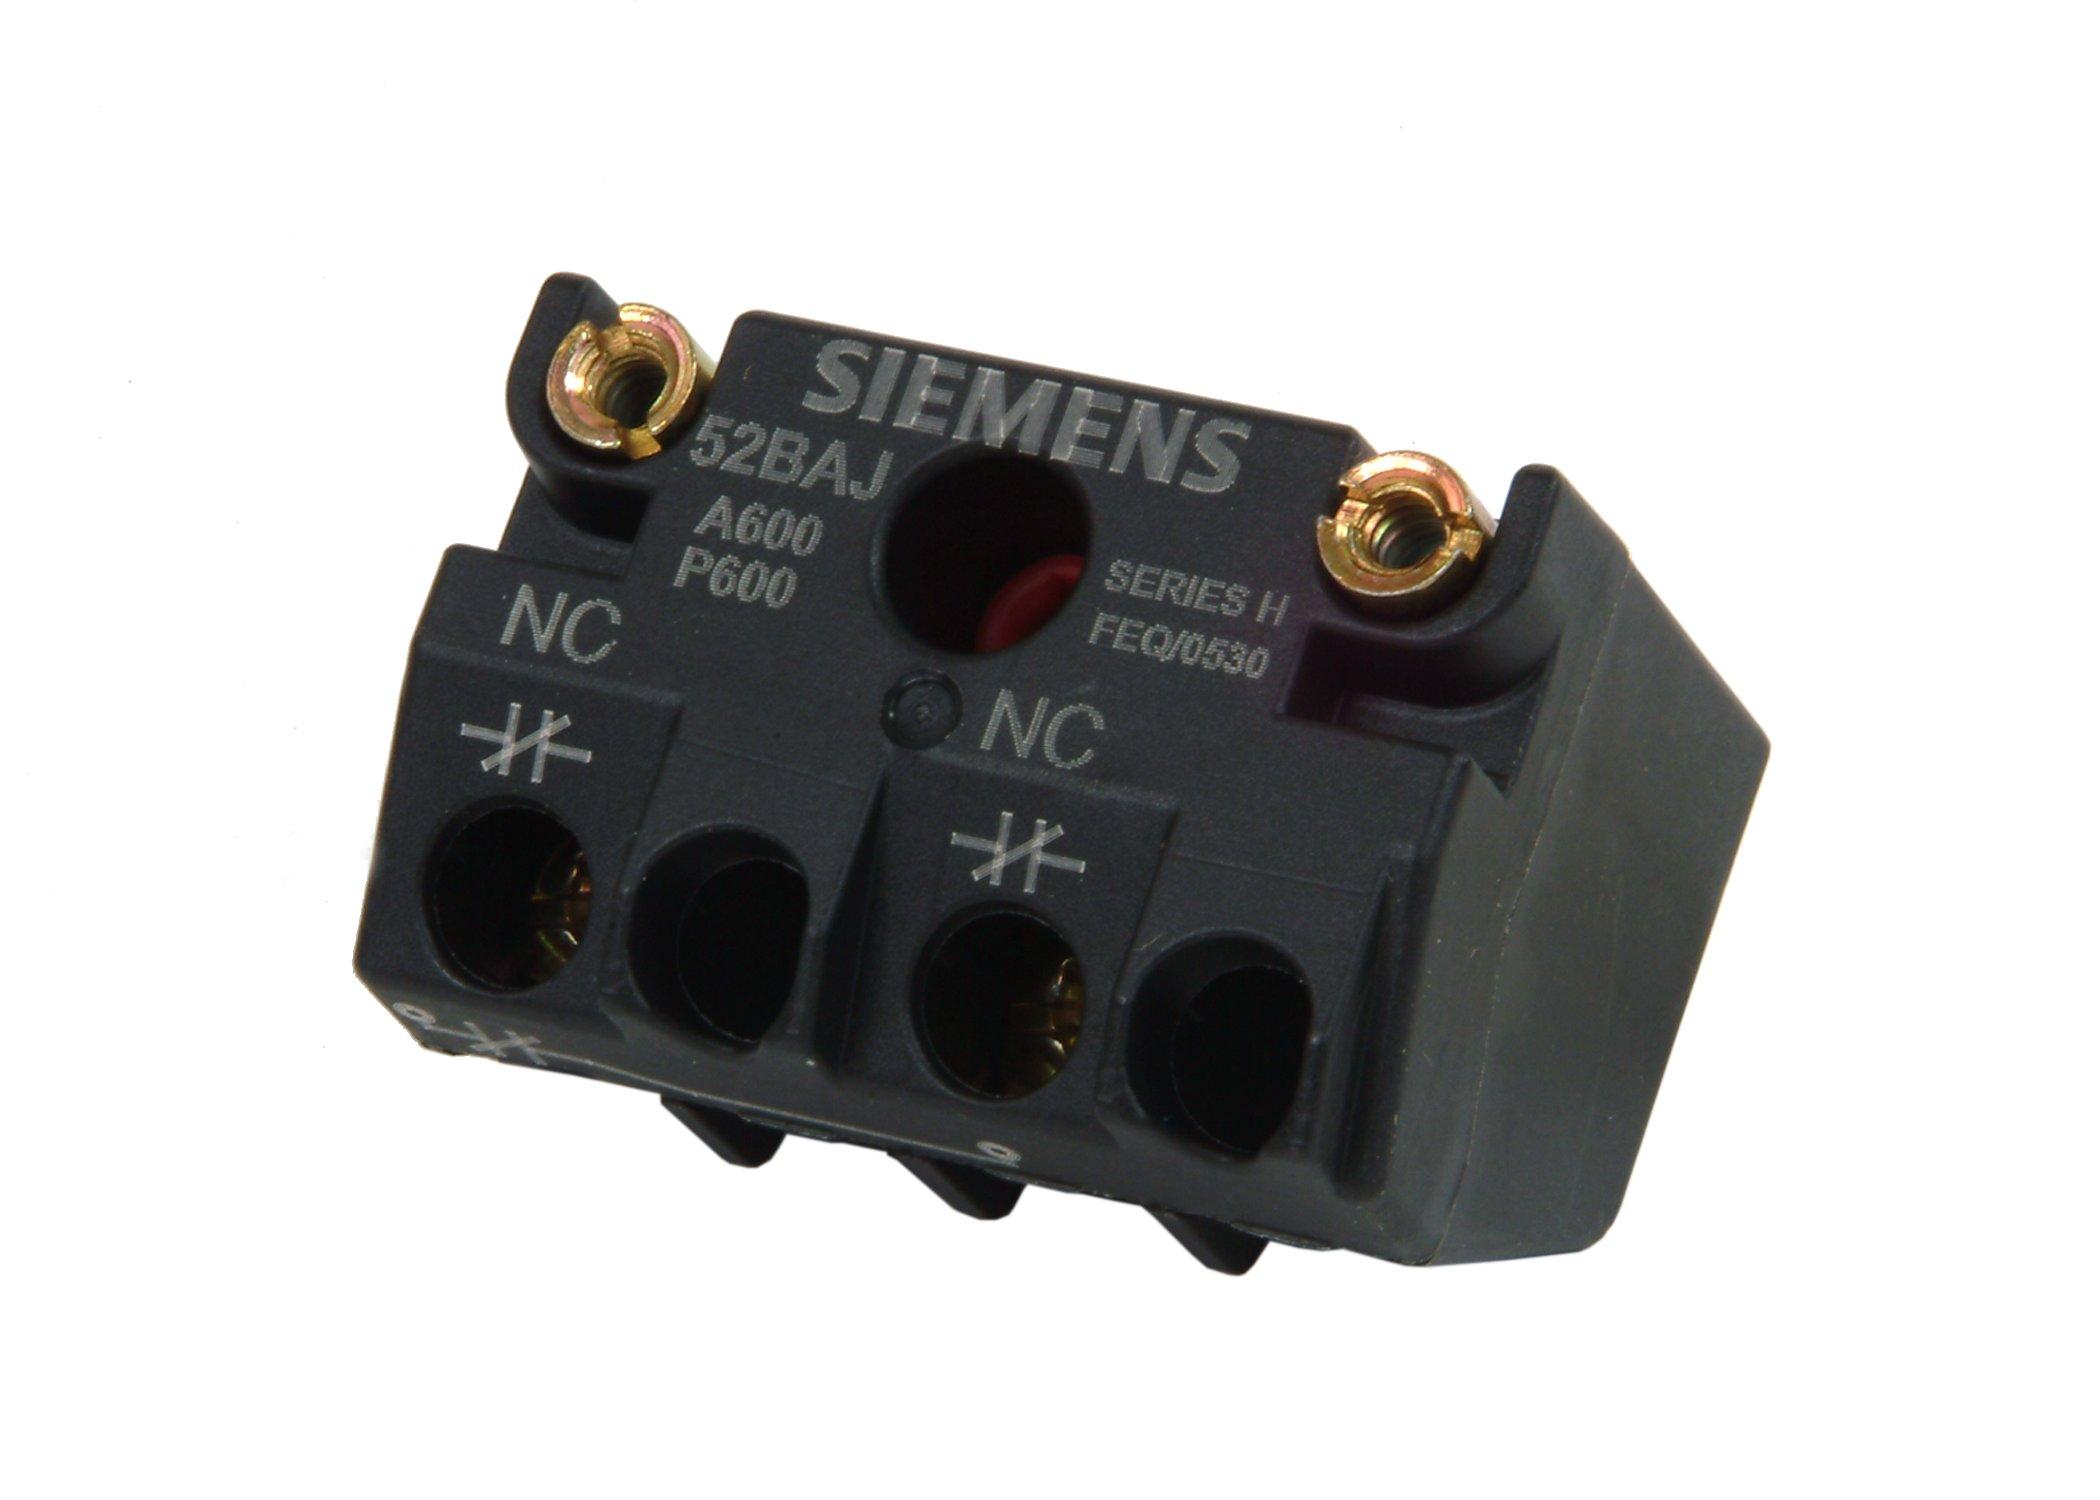 Siemens52BAJ